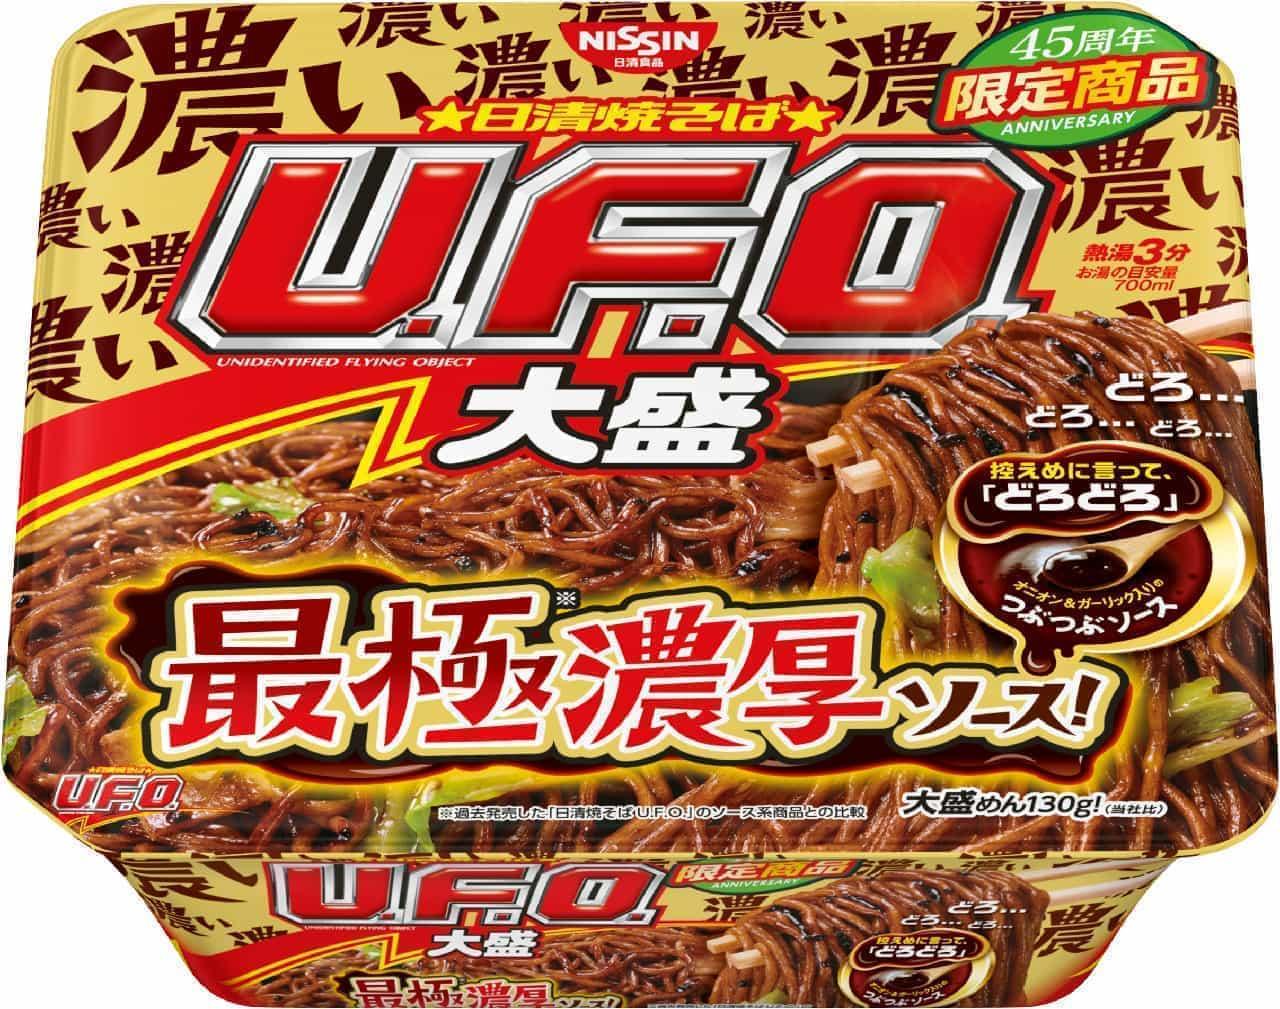 日清食品「日清焼そばU.F.O.大盛 最極(さいごく)濃厚ソース」